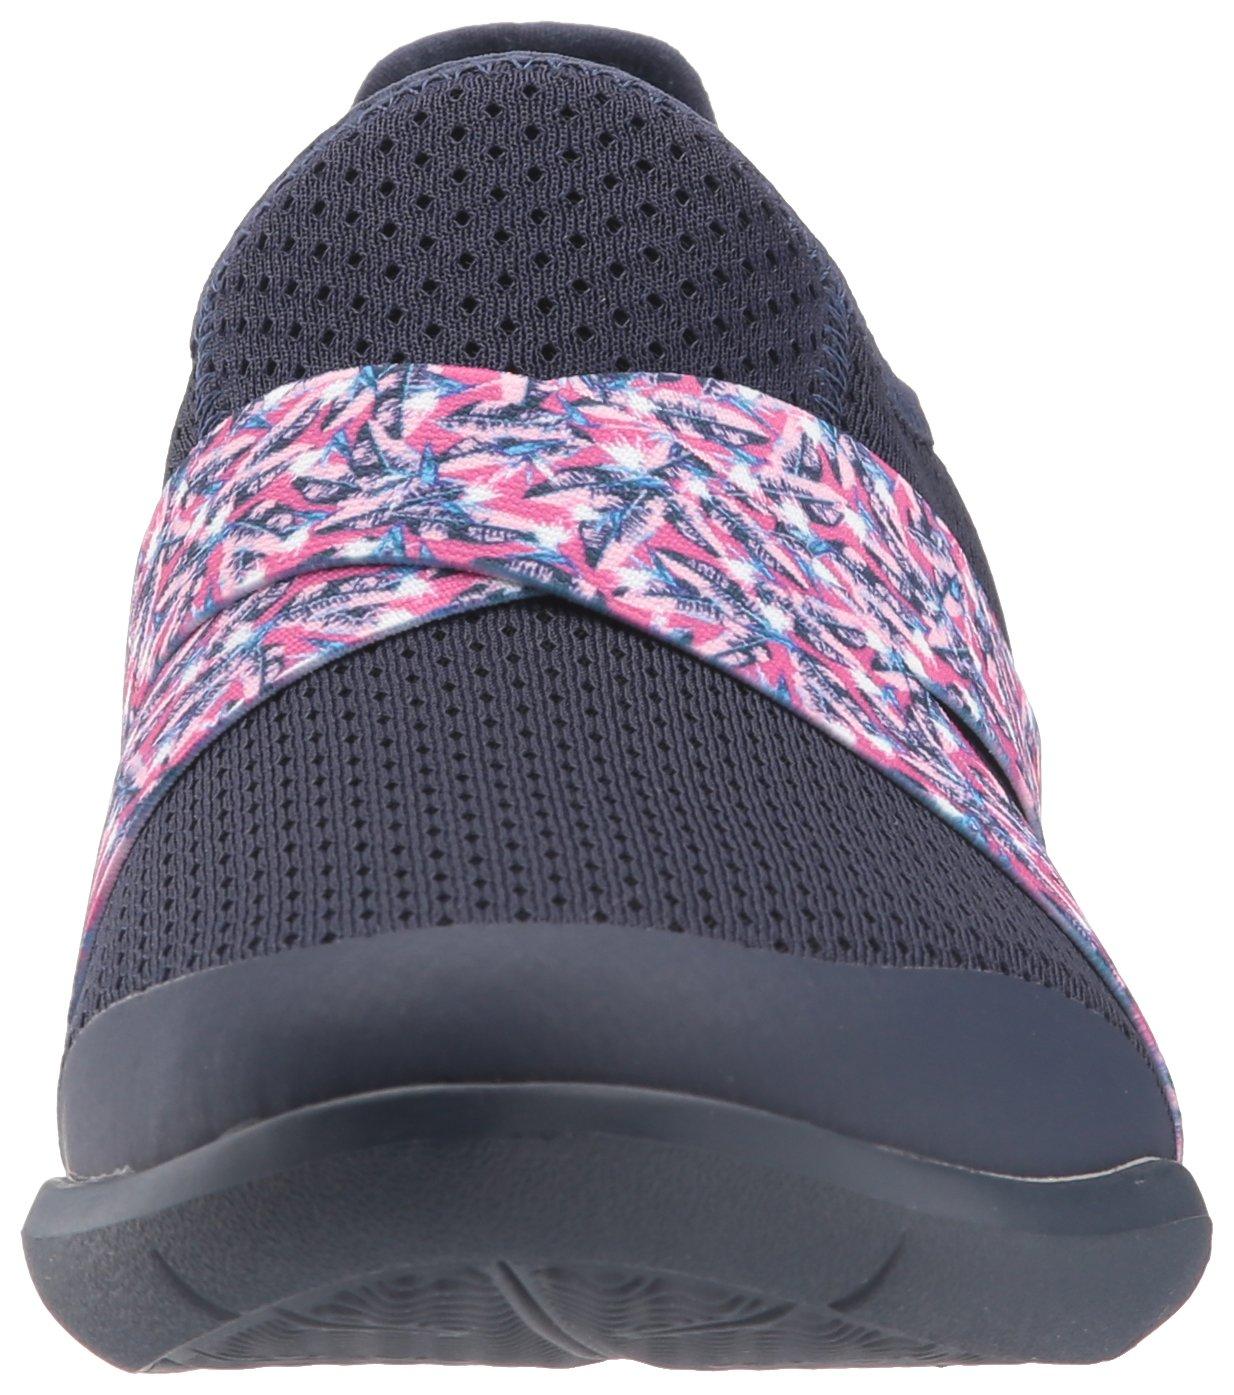 597c1ddbae0eb9 Crocs Women s Swiftwater Cross-Strap Slip On Jean B01N0RTVXR 8 M US ...